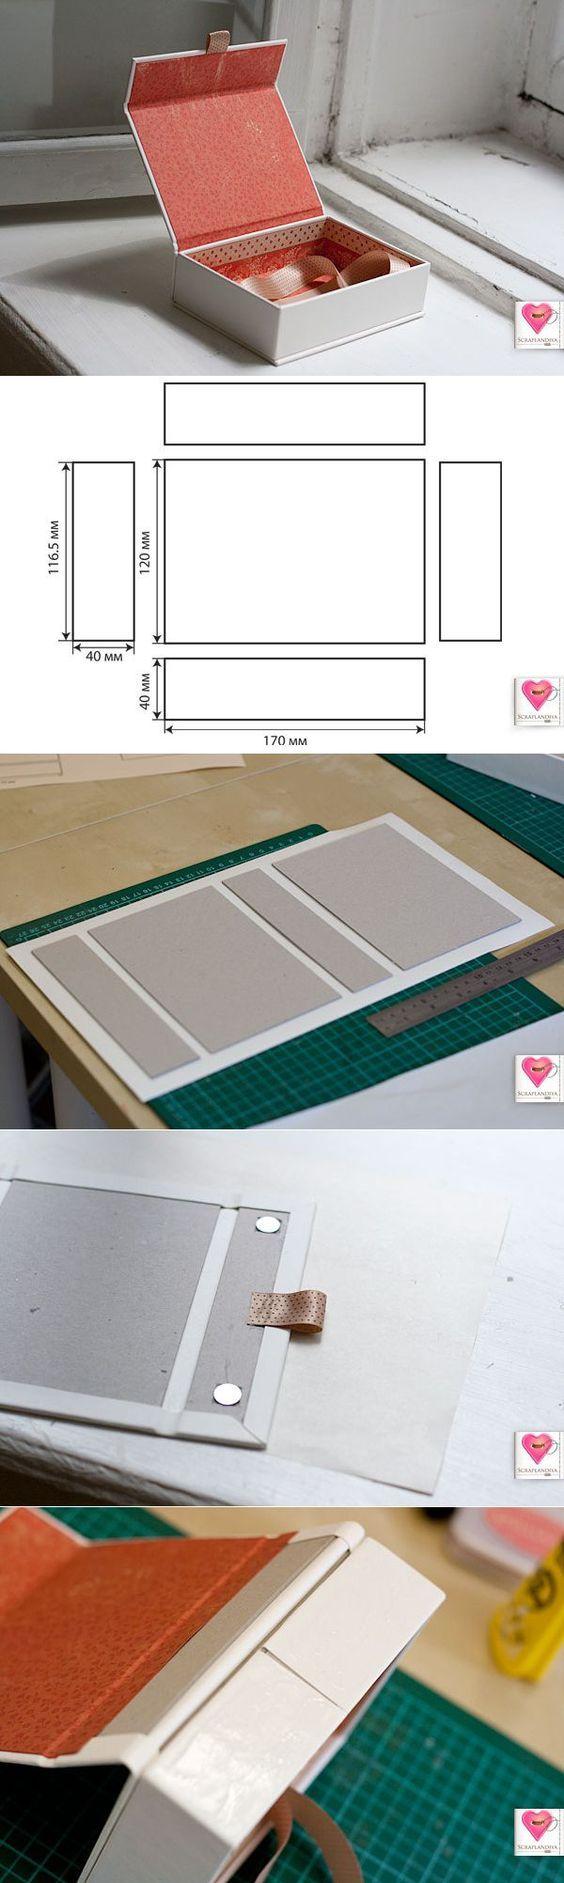 Самодельное хранилище из картона для фотографий и всего остального. | Утилизация | Постила: